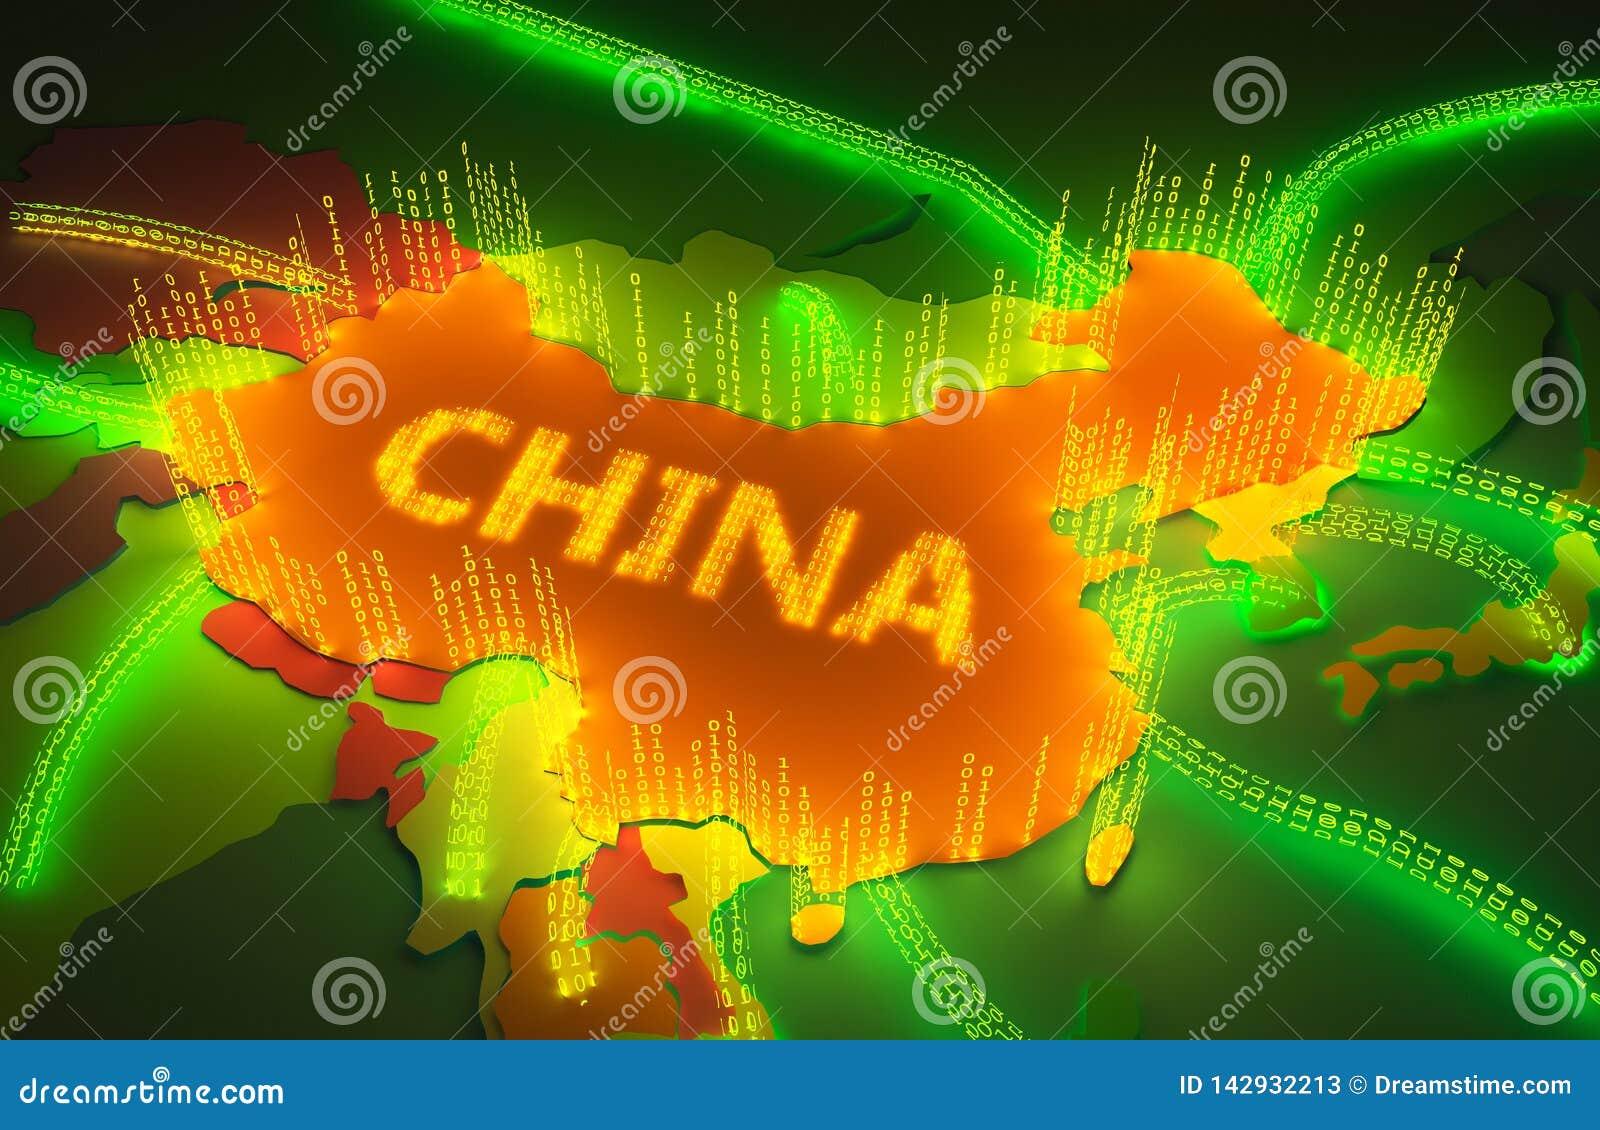 De kaart van China surronded door een binaire firewall